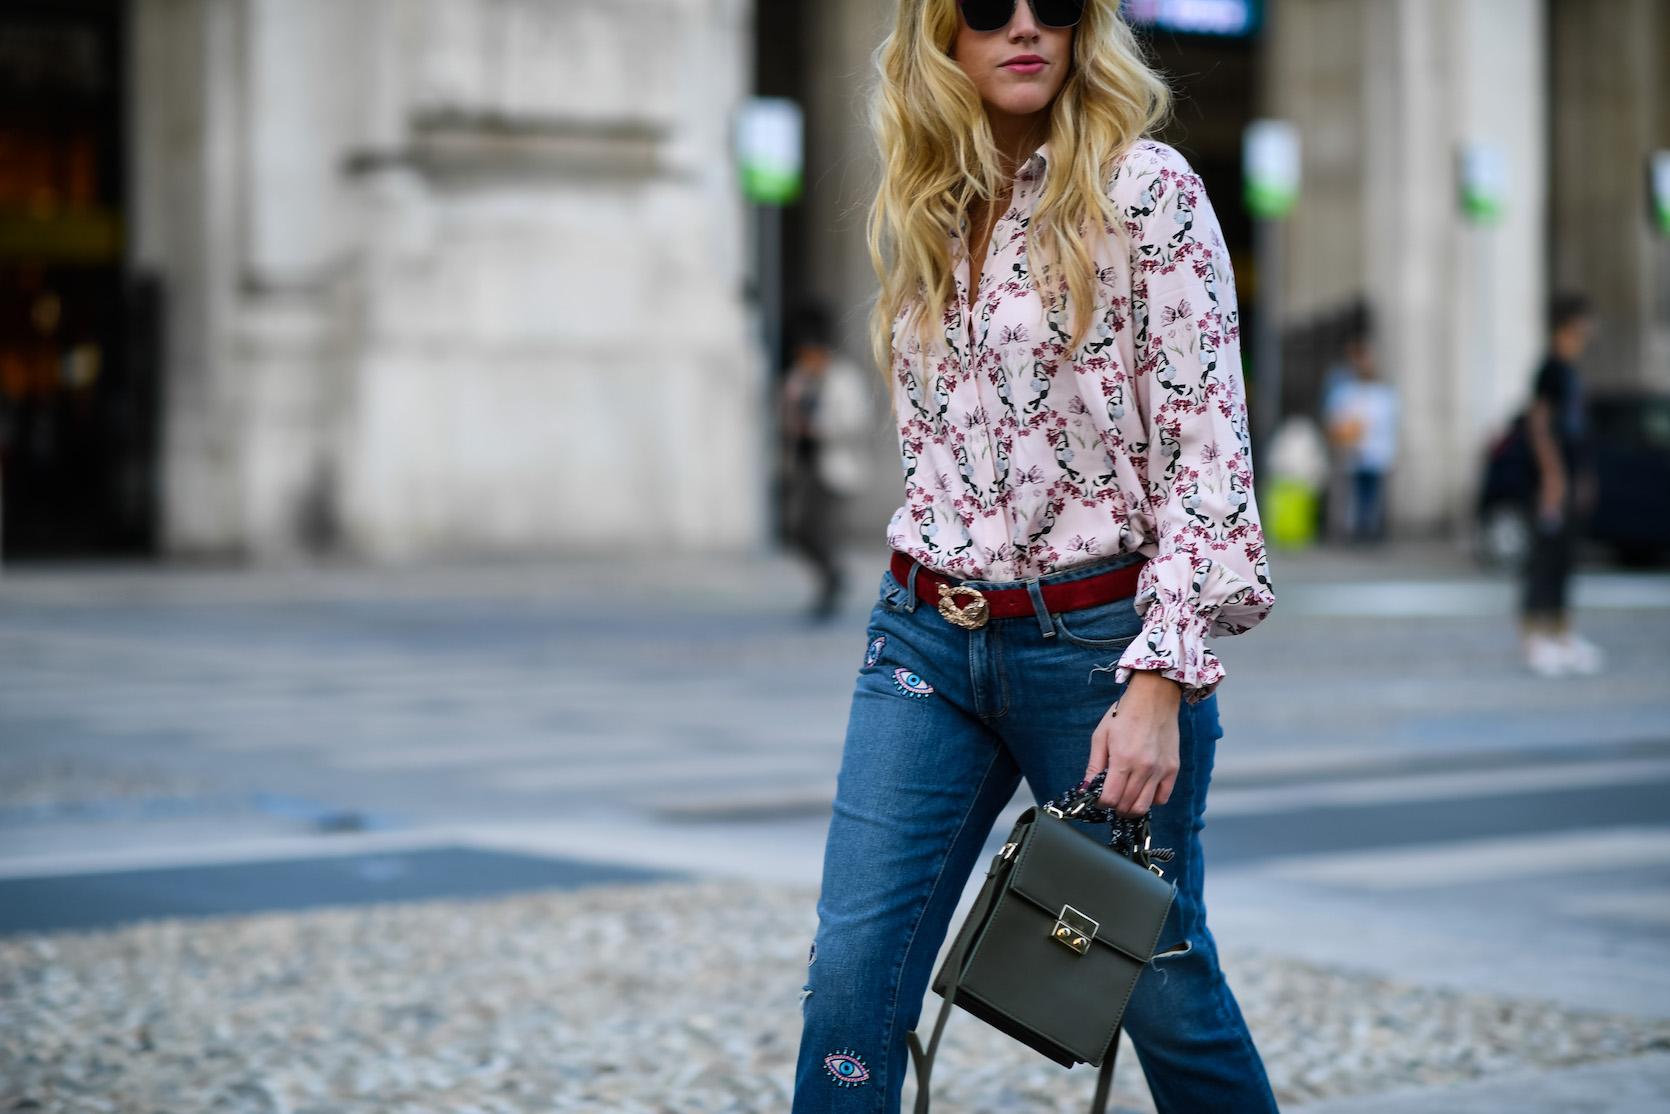 Milan Fashion Week SS 2017